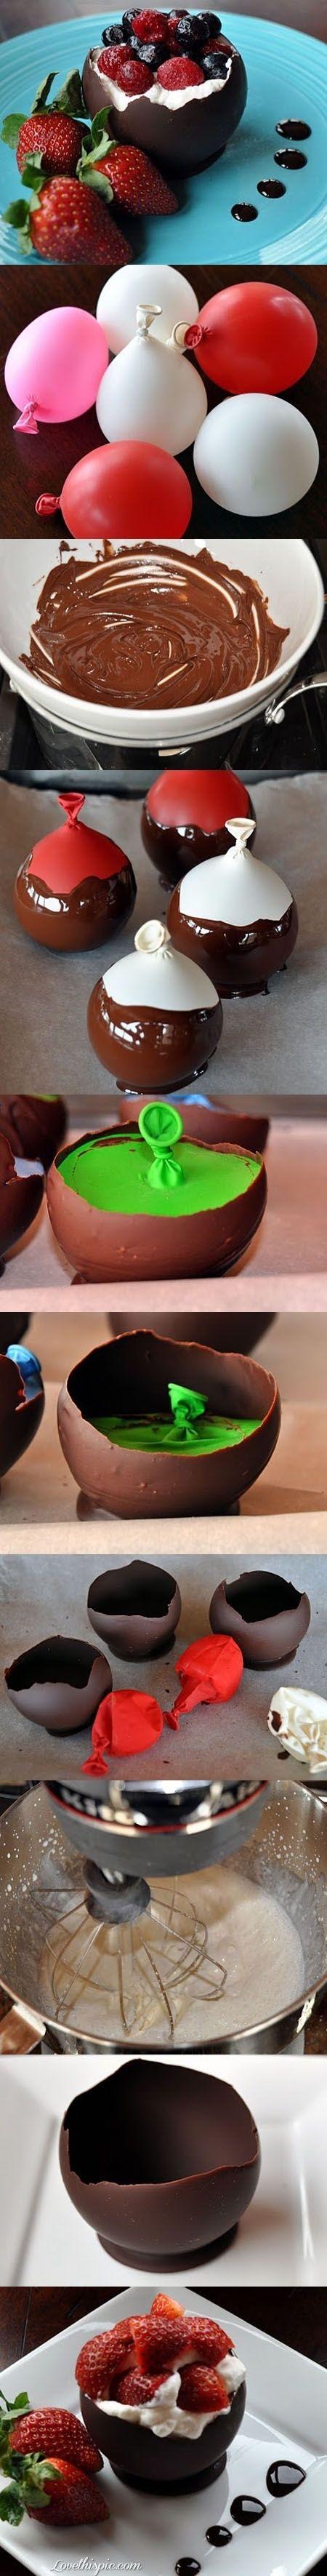 Schöne Dessert-Idee :)